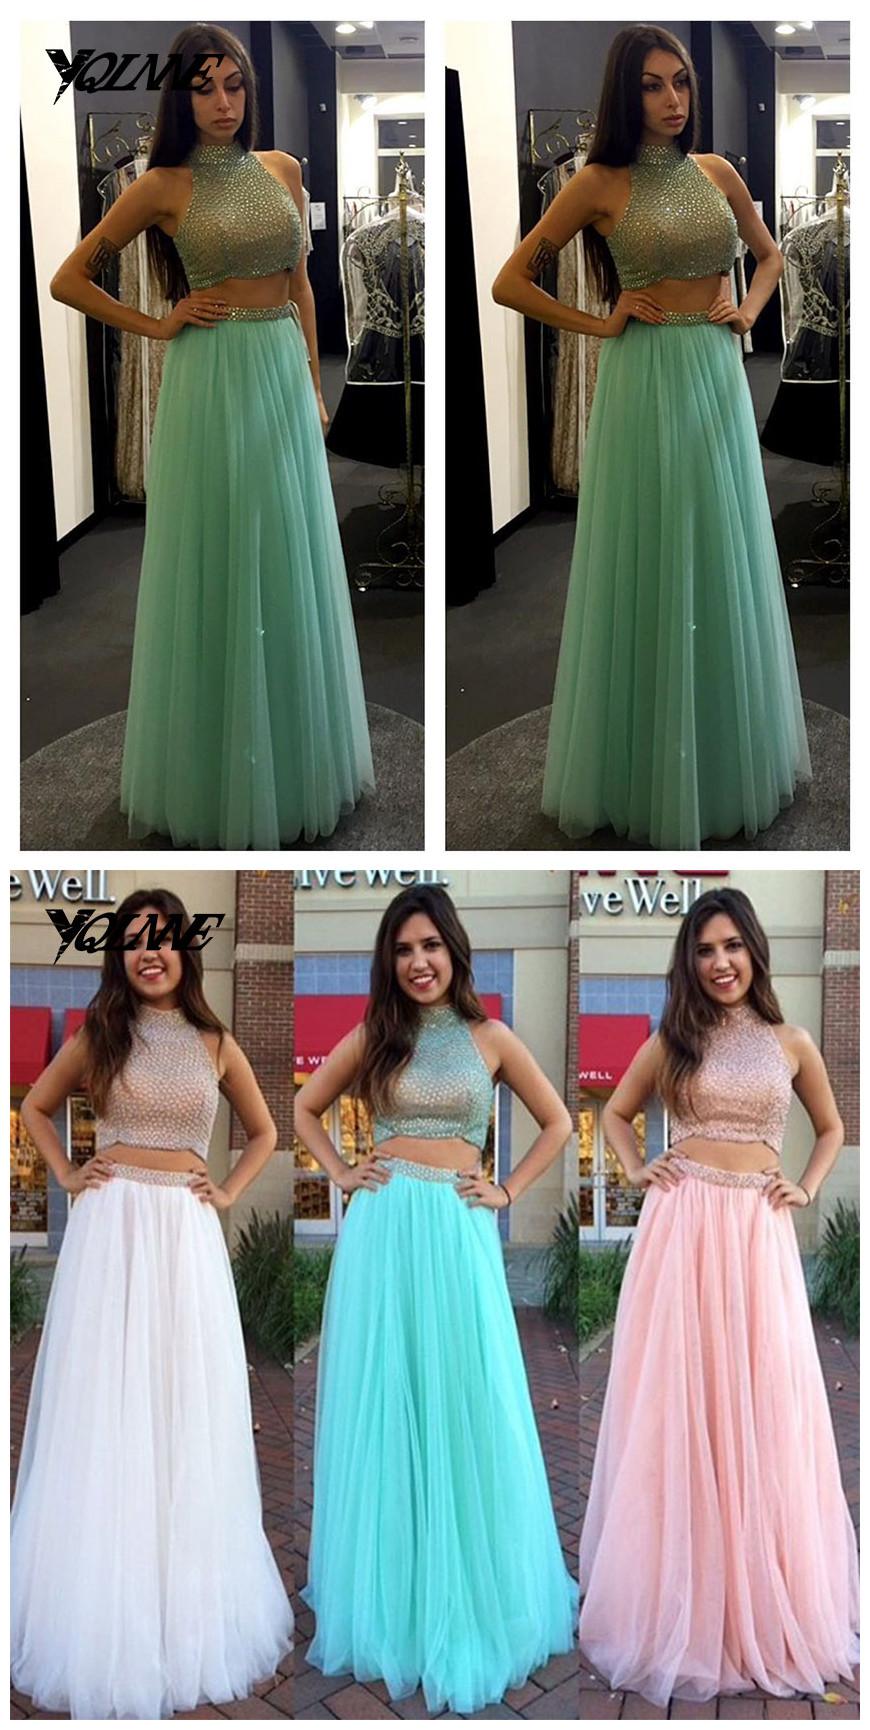 Mint_Dress,Prom_Dresses,Two_Pieces_Prom_Dress,Halter_Prom_Dress,Crystals_Prom_Dress,Tulle_Prom_Dress,Sexy_Prom_Dress,Fashion_Dresses